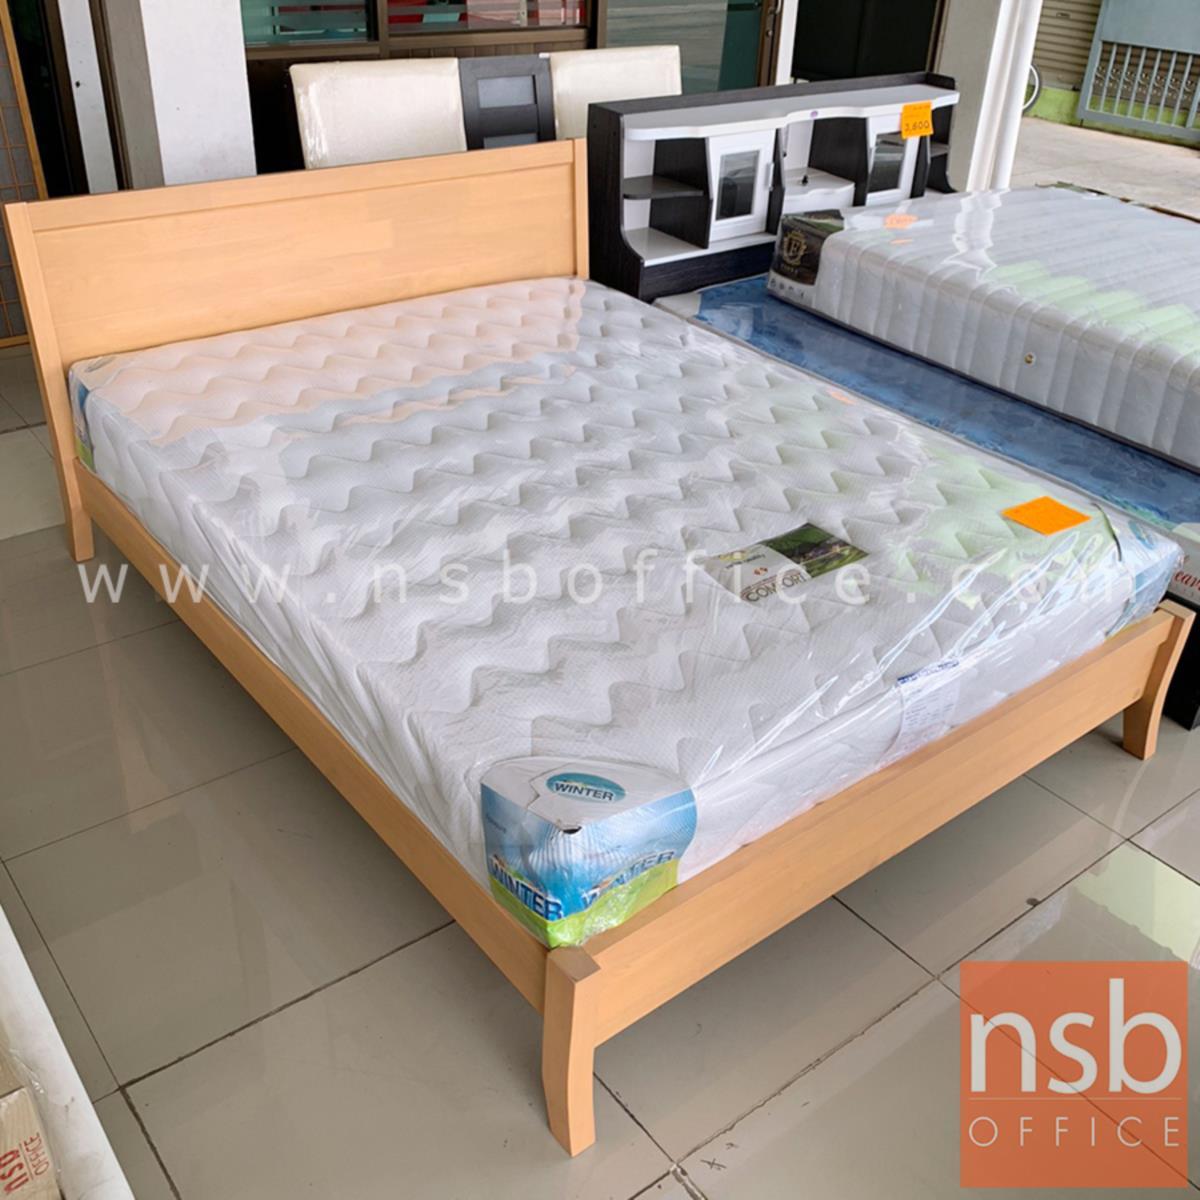 เตียงนอนไม้ยางพาราล้วน รุ่น FTW-FE2 3.5 , 5 และ 6 ฟุต